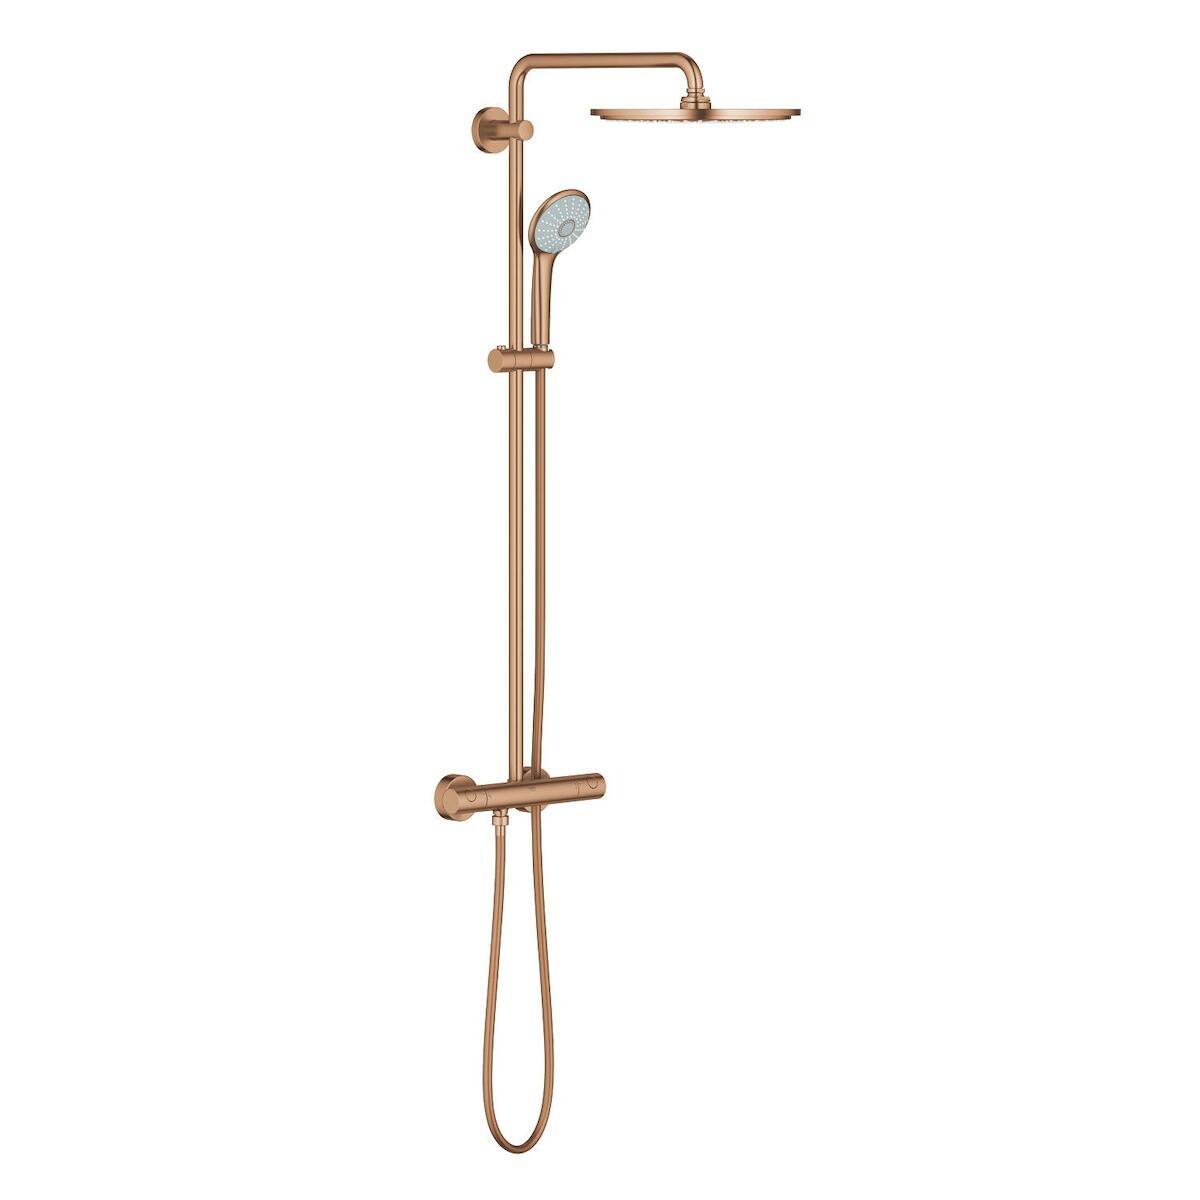 Sprchový systém Grohe Euphoria System s termostatickou baterií Brushed Warm Sunset 26075DL0